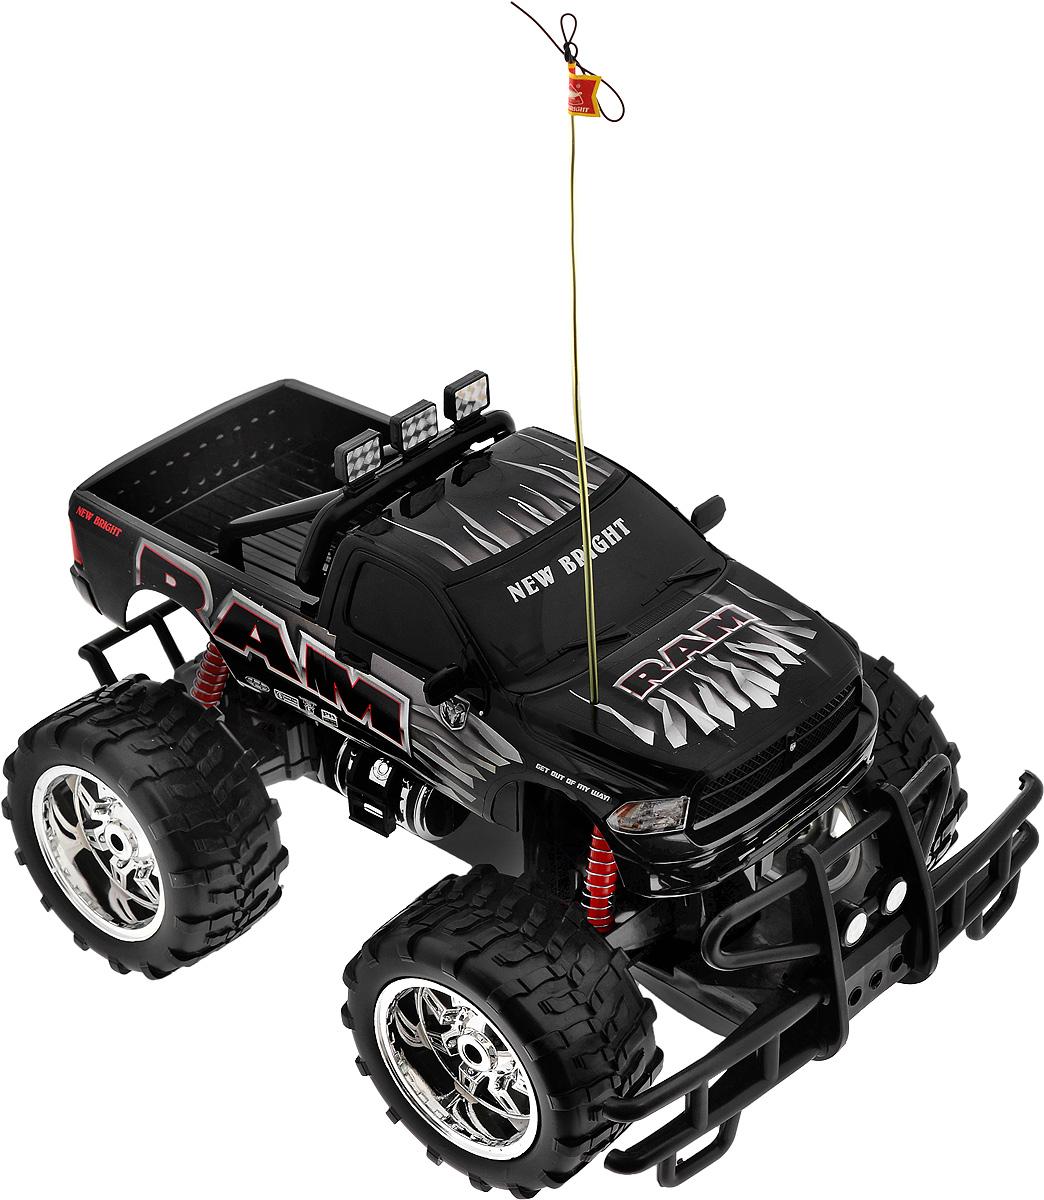 New Bright Радиоуправляемая модель Ram цвет черный61087RРадиоуправляемая модель New Bright Ram станет отличным подарком любому мальчику! Все дети хотят иметь в наборе своих игрушек ослепительные, невероятные и модные автомобили на радиоуправлении. Тем более, если это автомобиль известной марки с проработкой всех деталей, удивляющий приятным качеством и видом. Автомобиль обладает неповторимым провокационным стилем и спортивным характером. Потрясающая маневренность, динамика и покладистость - отличительные качества этой модели. Возможные движения: вперед, назад, вправо, влево. Колеса машины прорезинены и обеспечивают плавный ход, машинка не портит напольное покрытие. Радиоуправляемые игрушки способствуют развитию координации движений, моторики и ловкости. Модель работает от сменного аккумулятора (входит в комплект). Зарядное устройство также входит в комплект. Пульт управления работает от 2 батареек типа АА (входят в комплект).